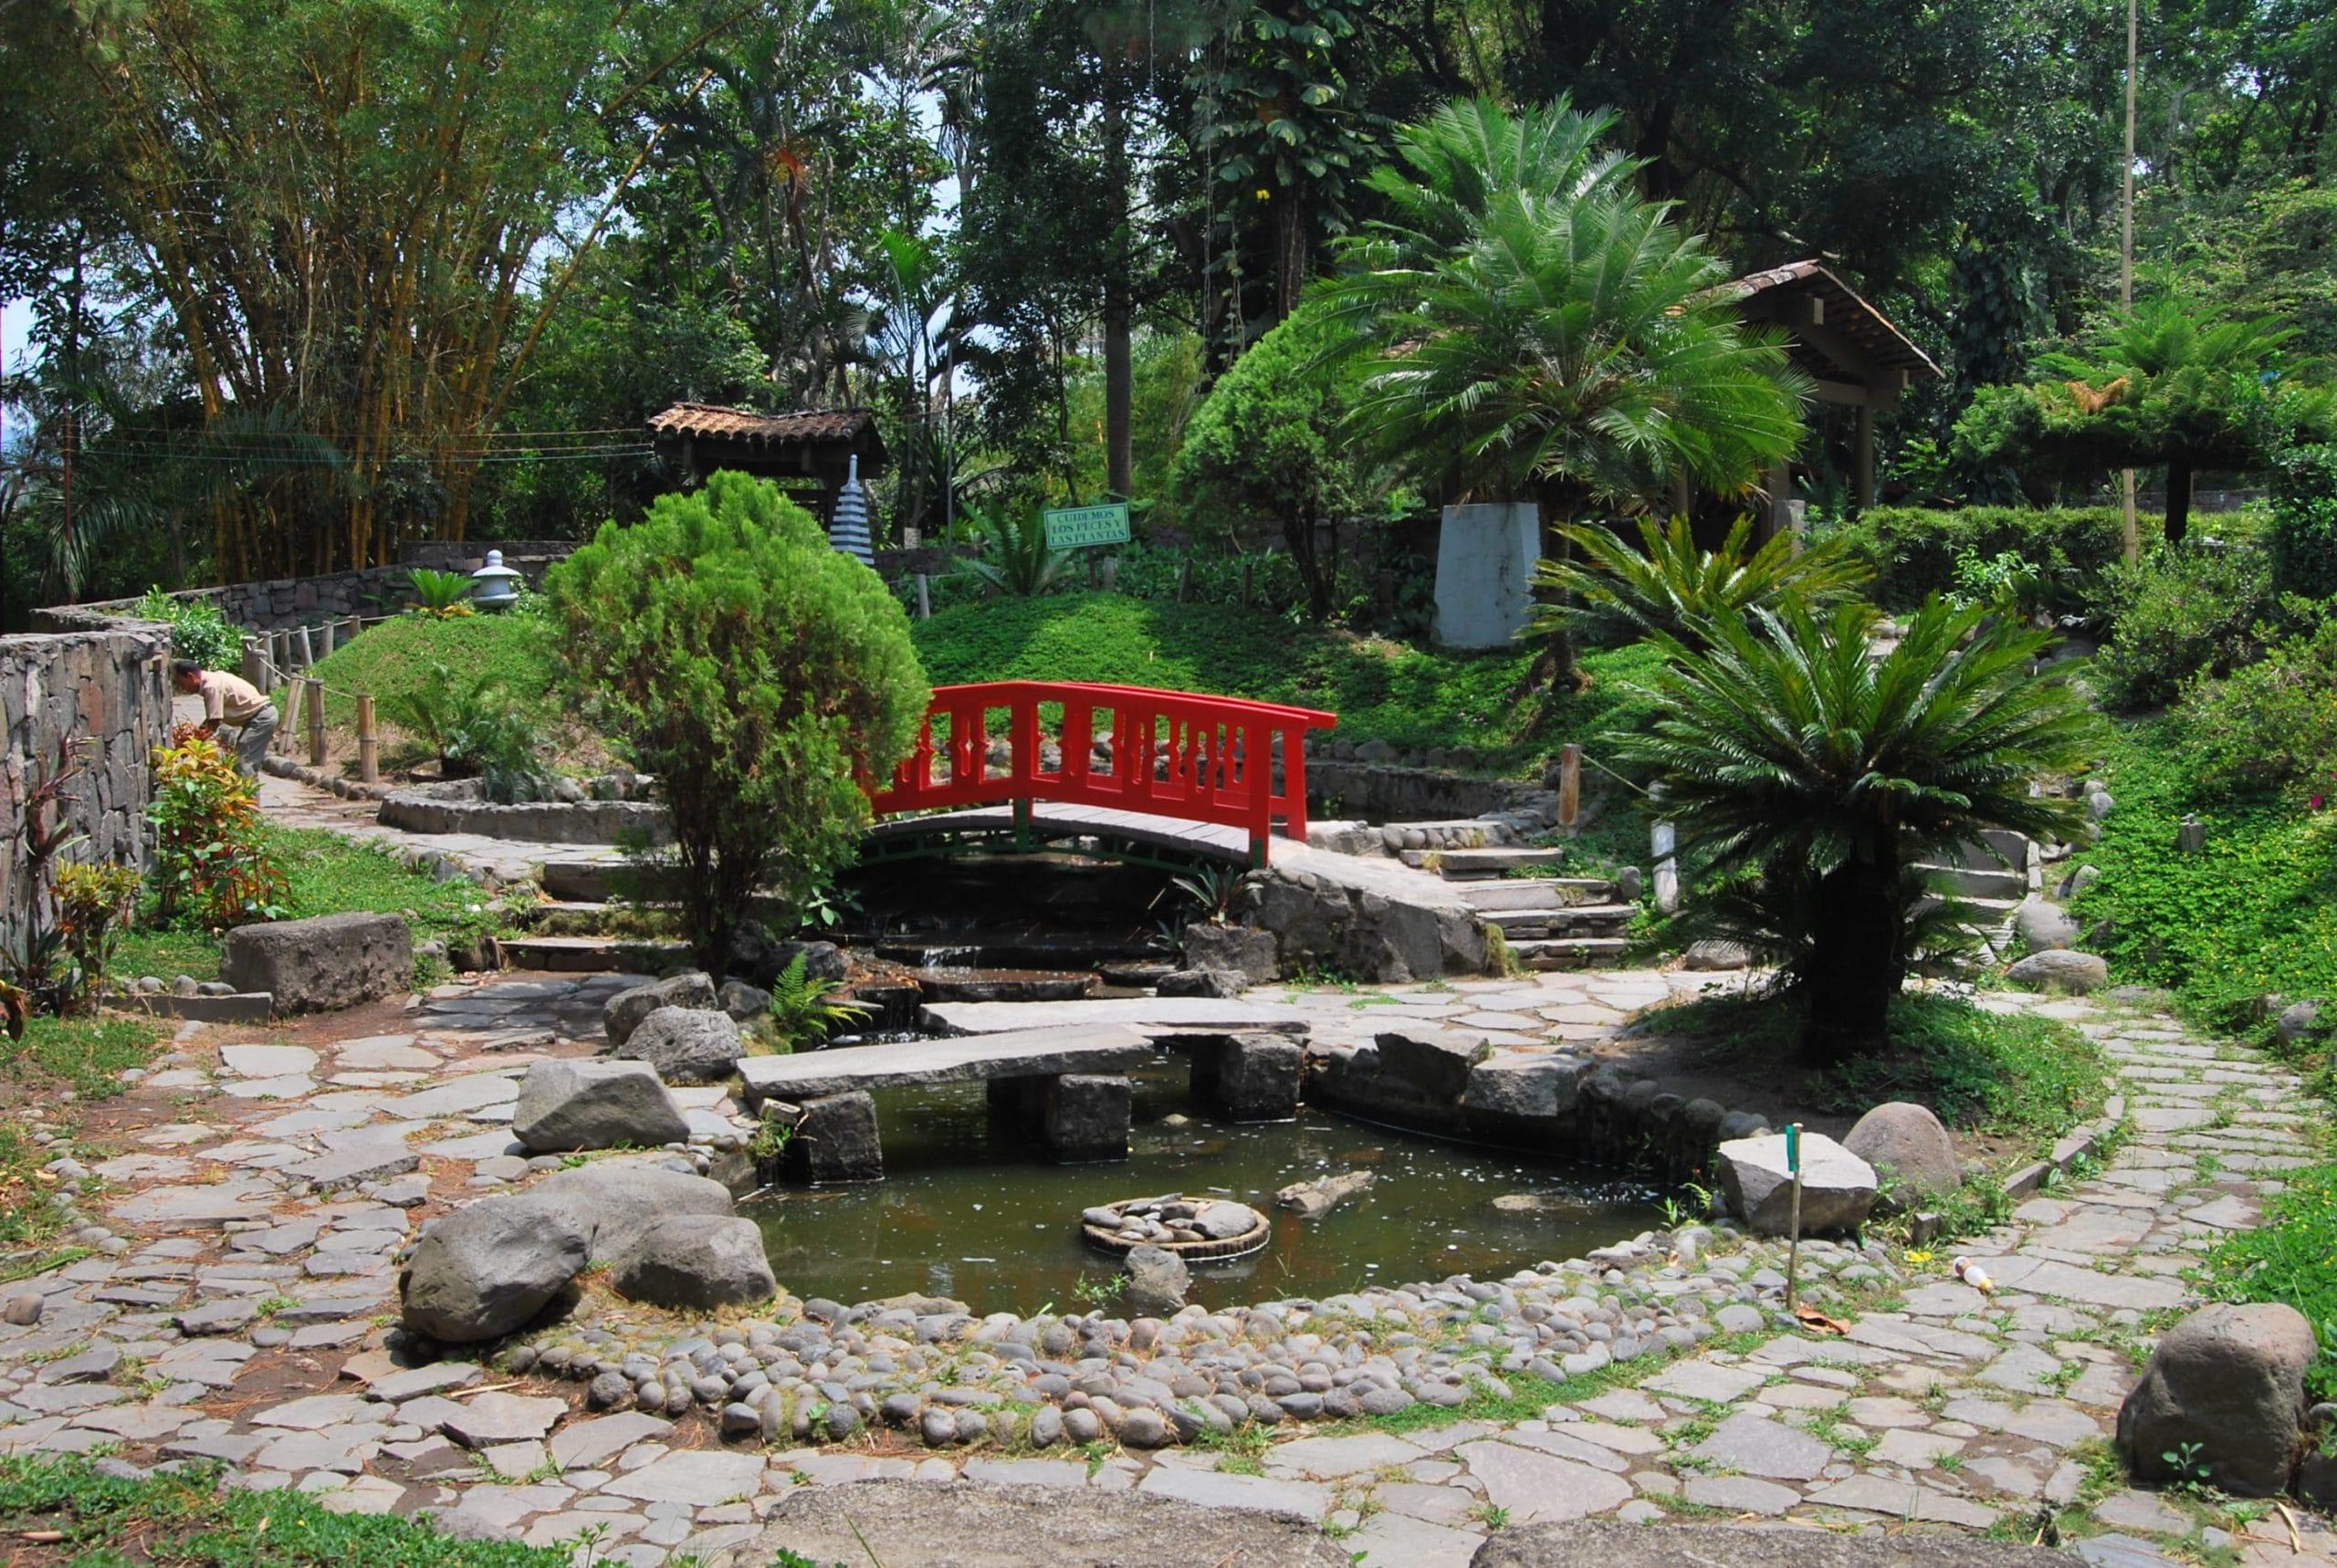 cmo es el jardn japons - Jardines Japoneses